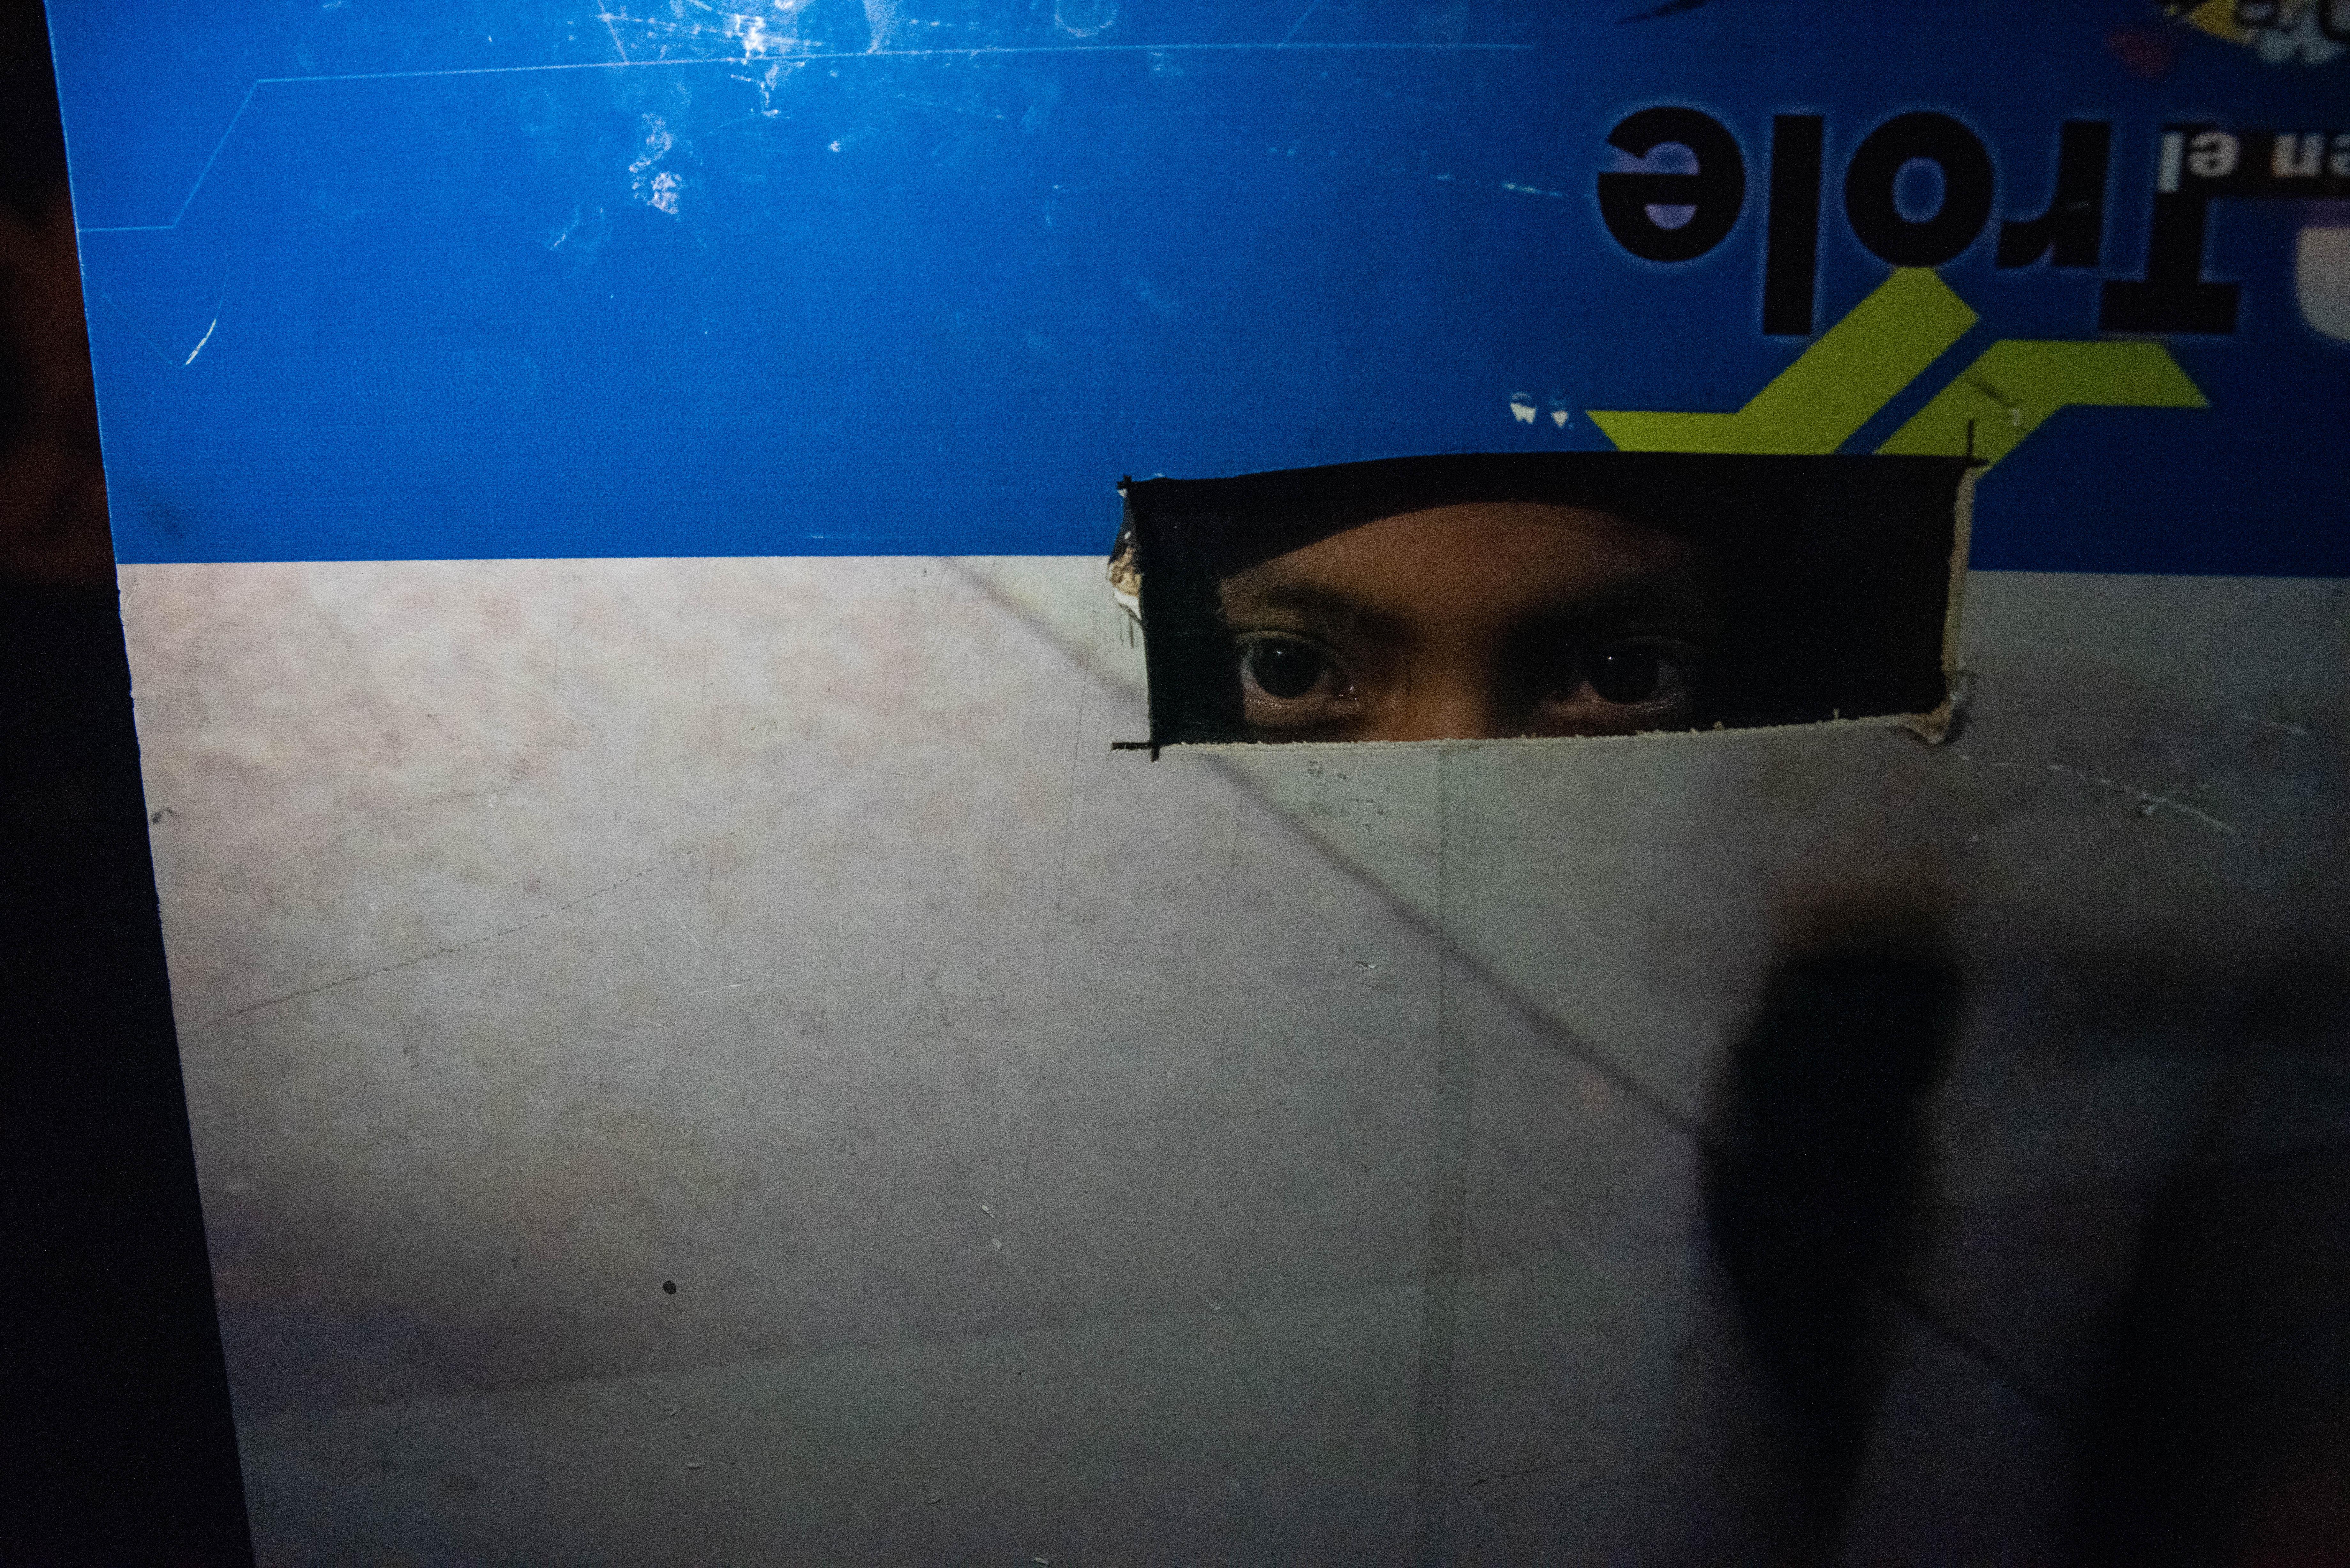 Un niño mira a través de un agujero de un pedazo de cartón que había utilizado para protegerse de la policía durante las manifestaciones que duraron doce días en Quito, Ecuador.